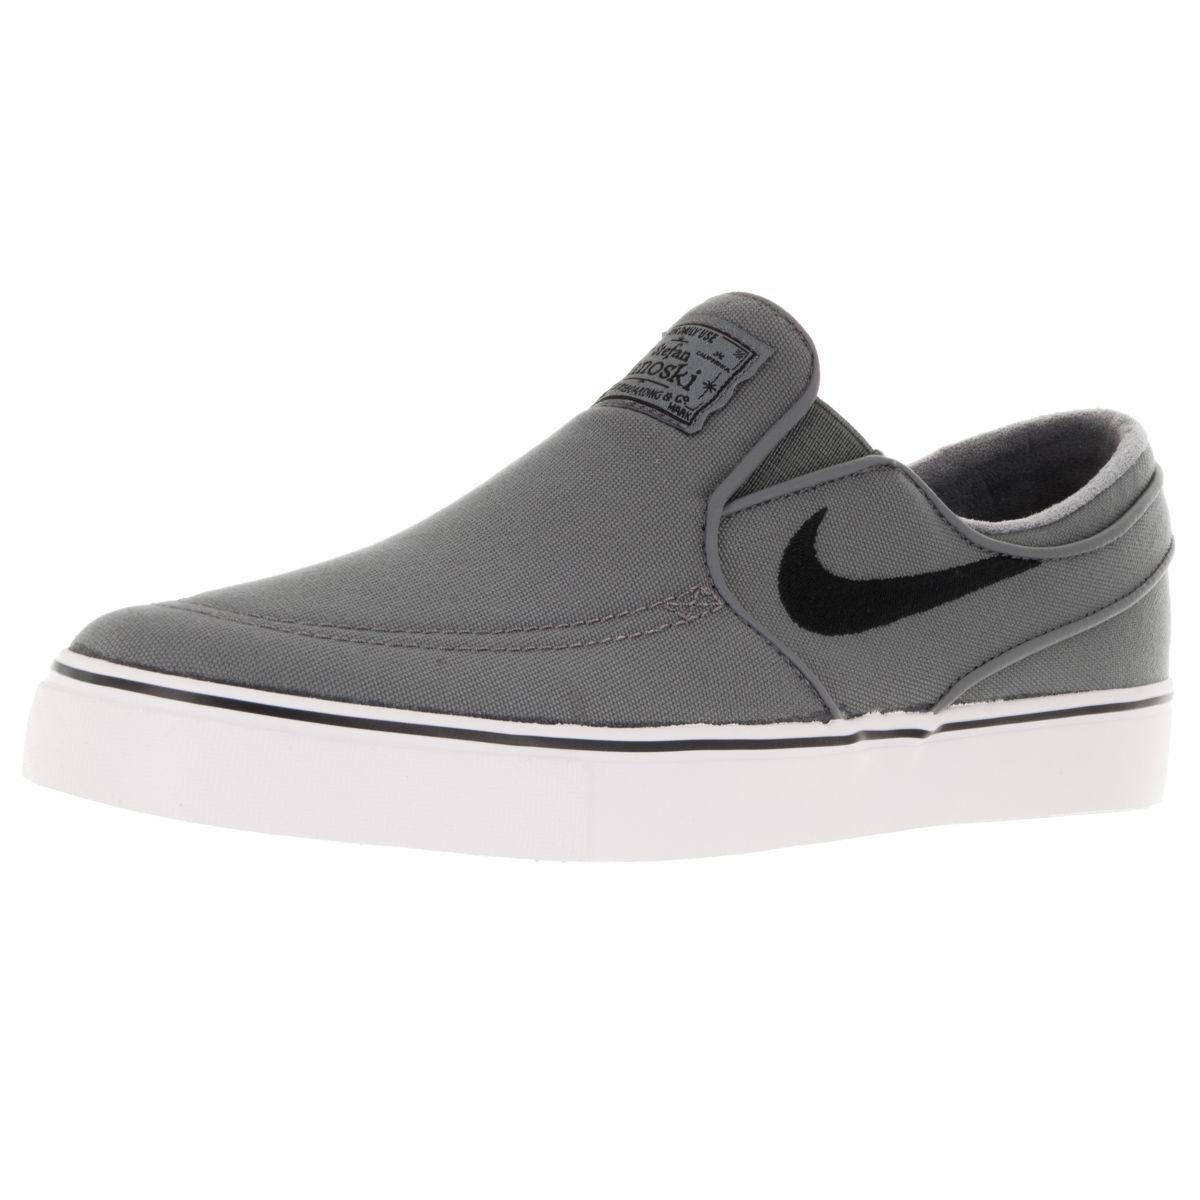 Nike SB Zoom Stefan Janoski Canvas Sneakers - Men's Size 11.5 Gray/White